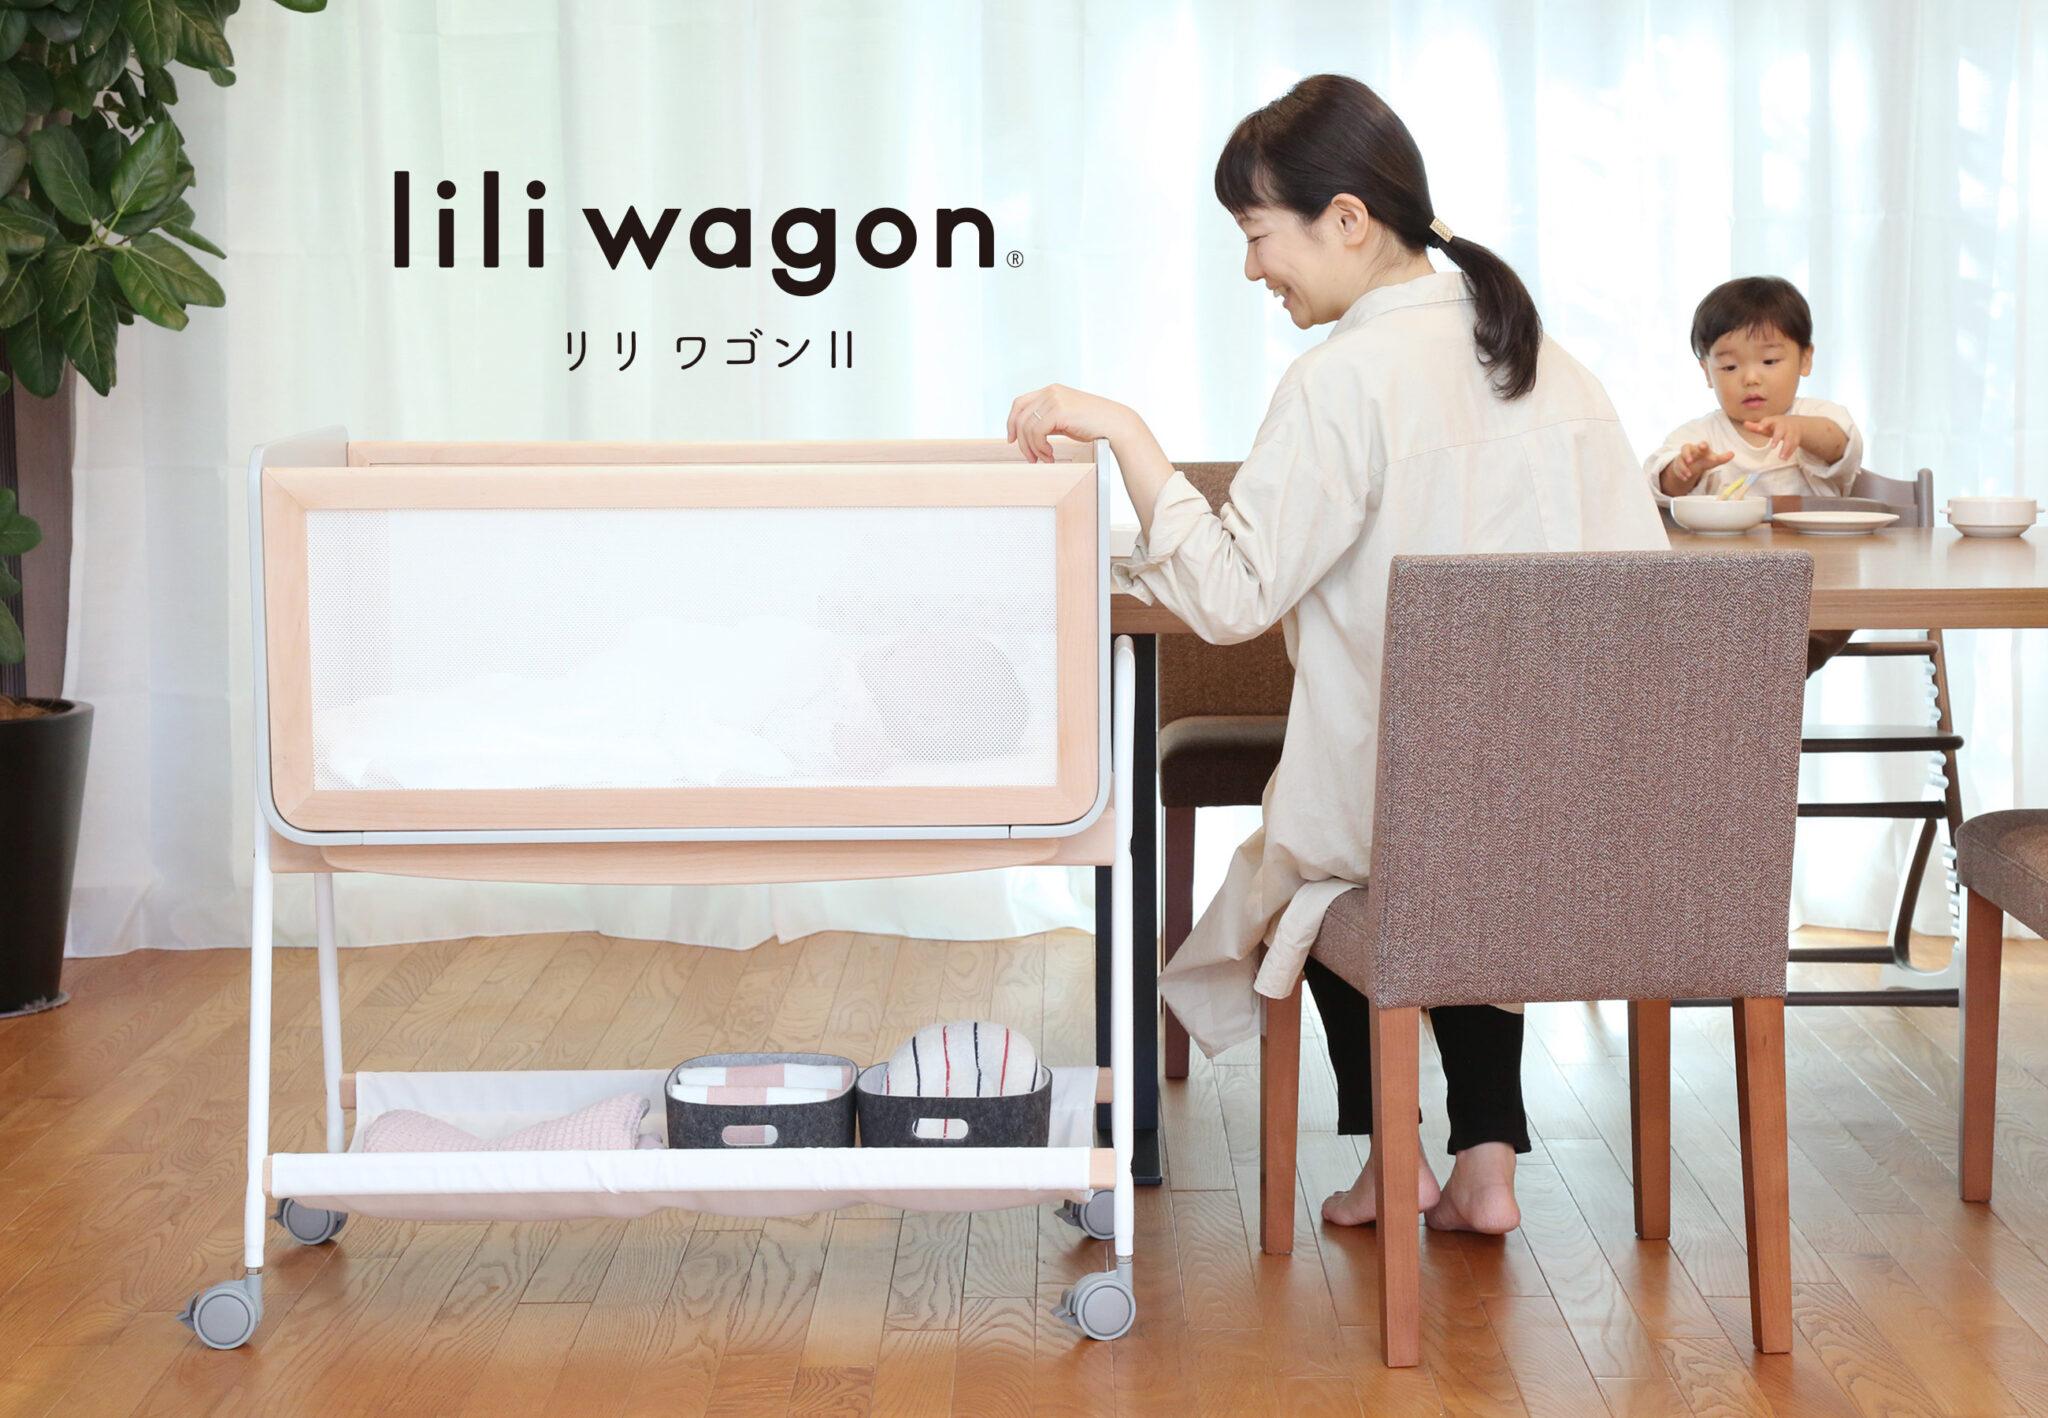 新商品「リリワゴンⅡ」発売